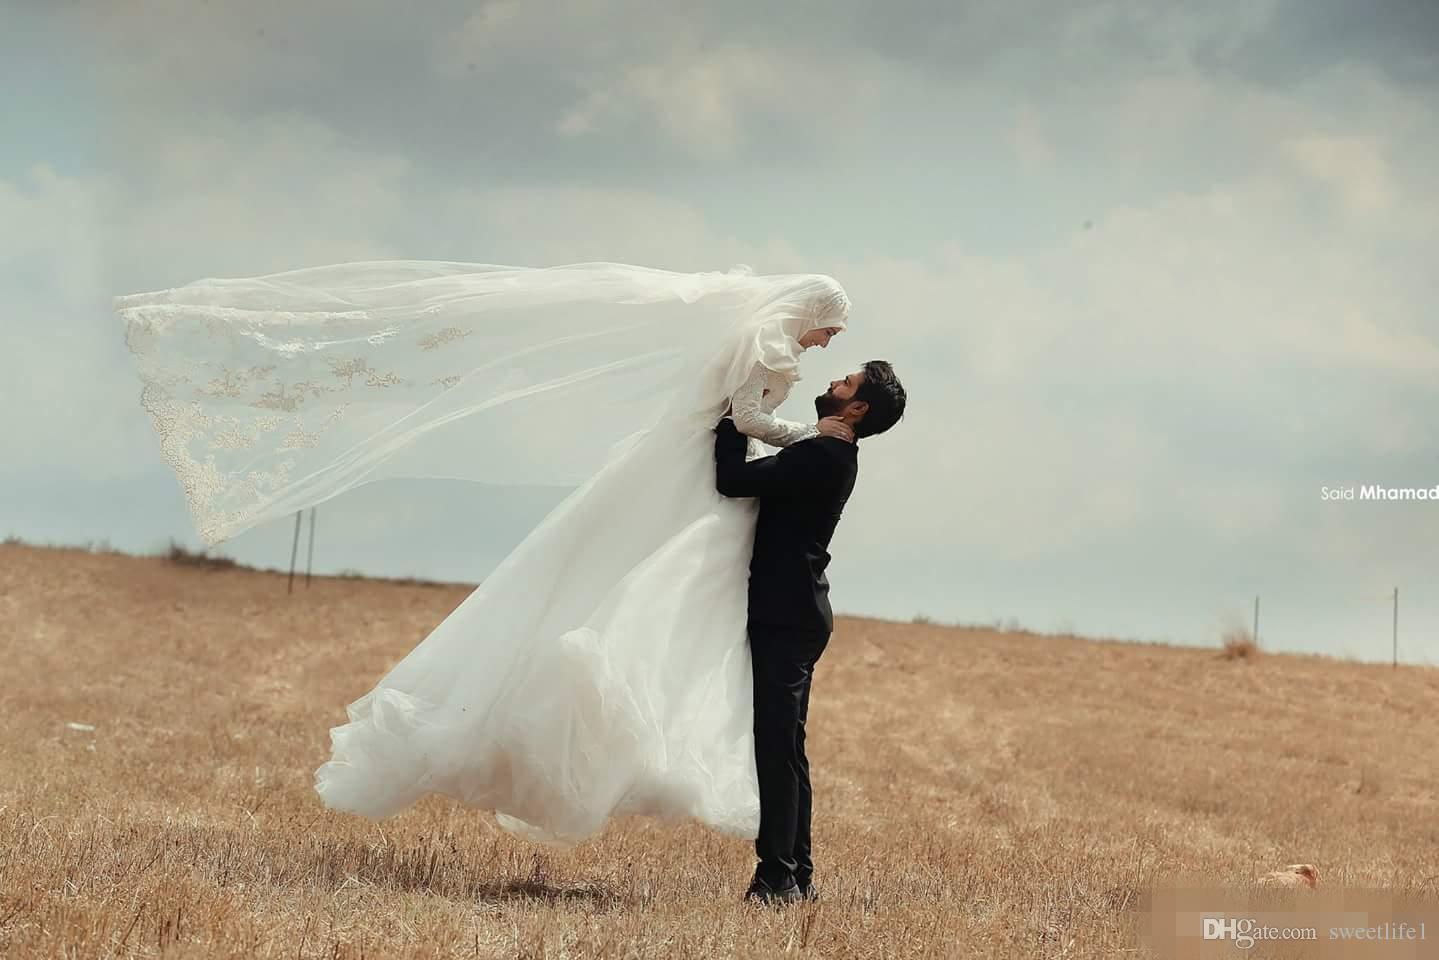 2019 عربي مسلم فساتين الزفاف ألف خط سعيد محمد الرباط الشتاء أثواب الزفاف طويلة الأكمام الرقبة العالية الغرب الأوسط الباكستاني العباءة